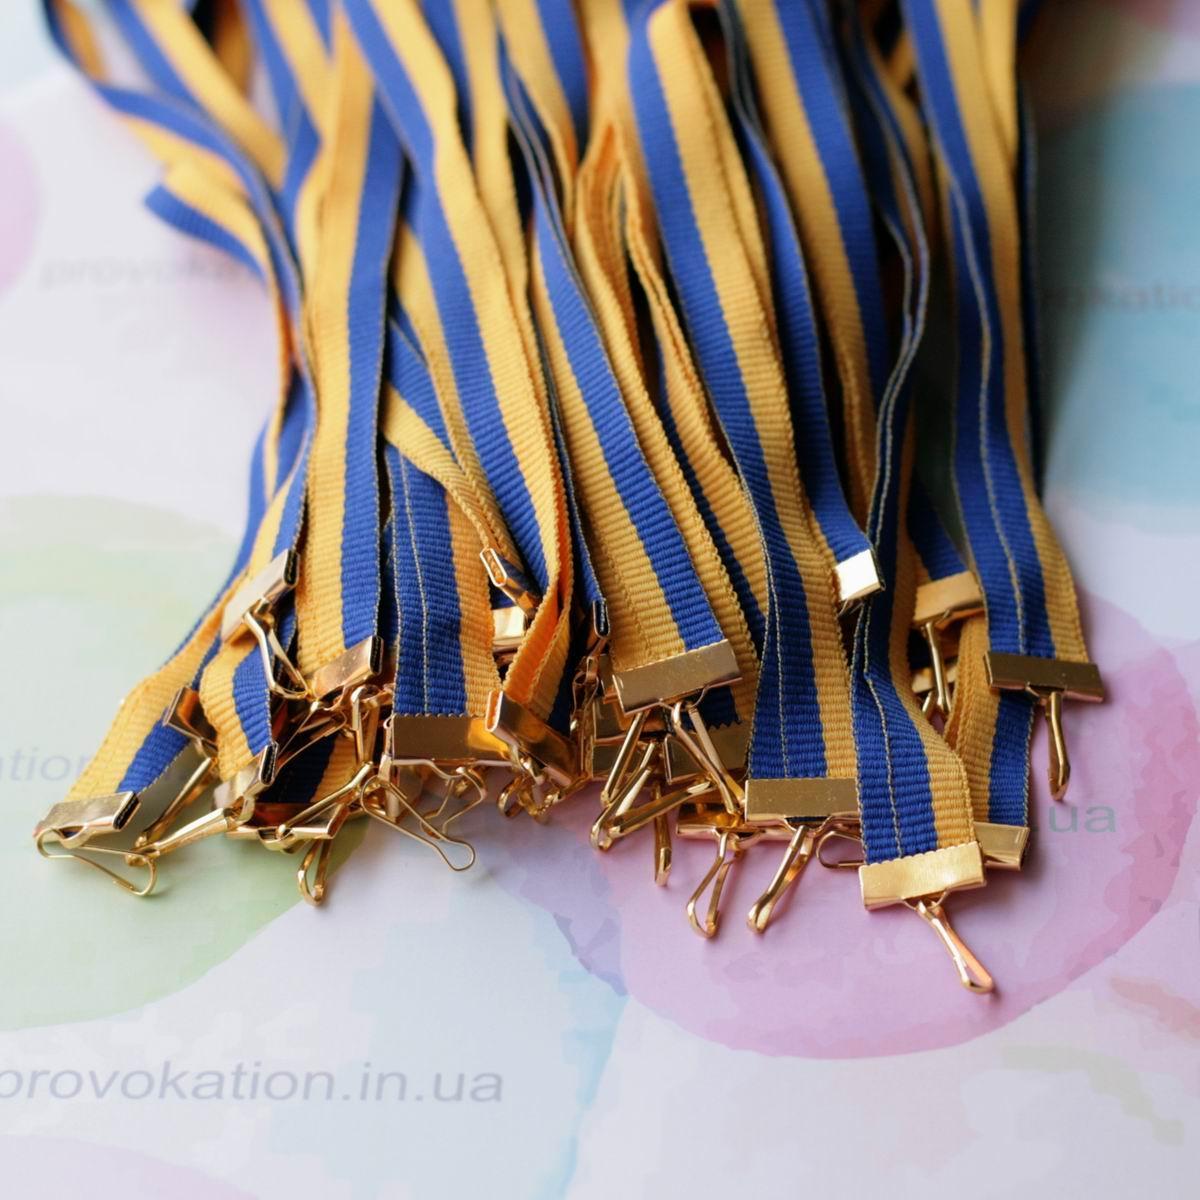 Репсовая лента для медалей и наград, жёлто-синяя, 10мм, 75см